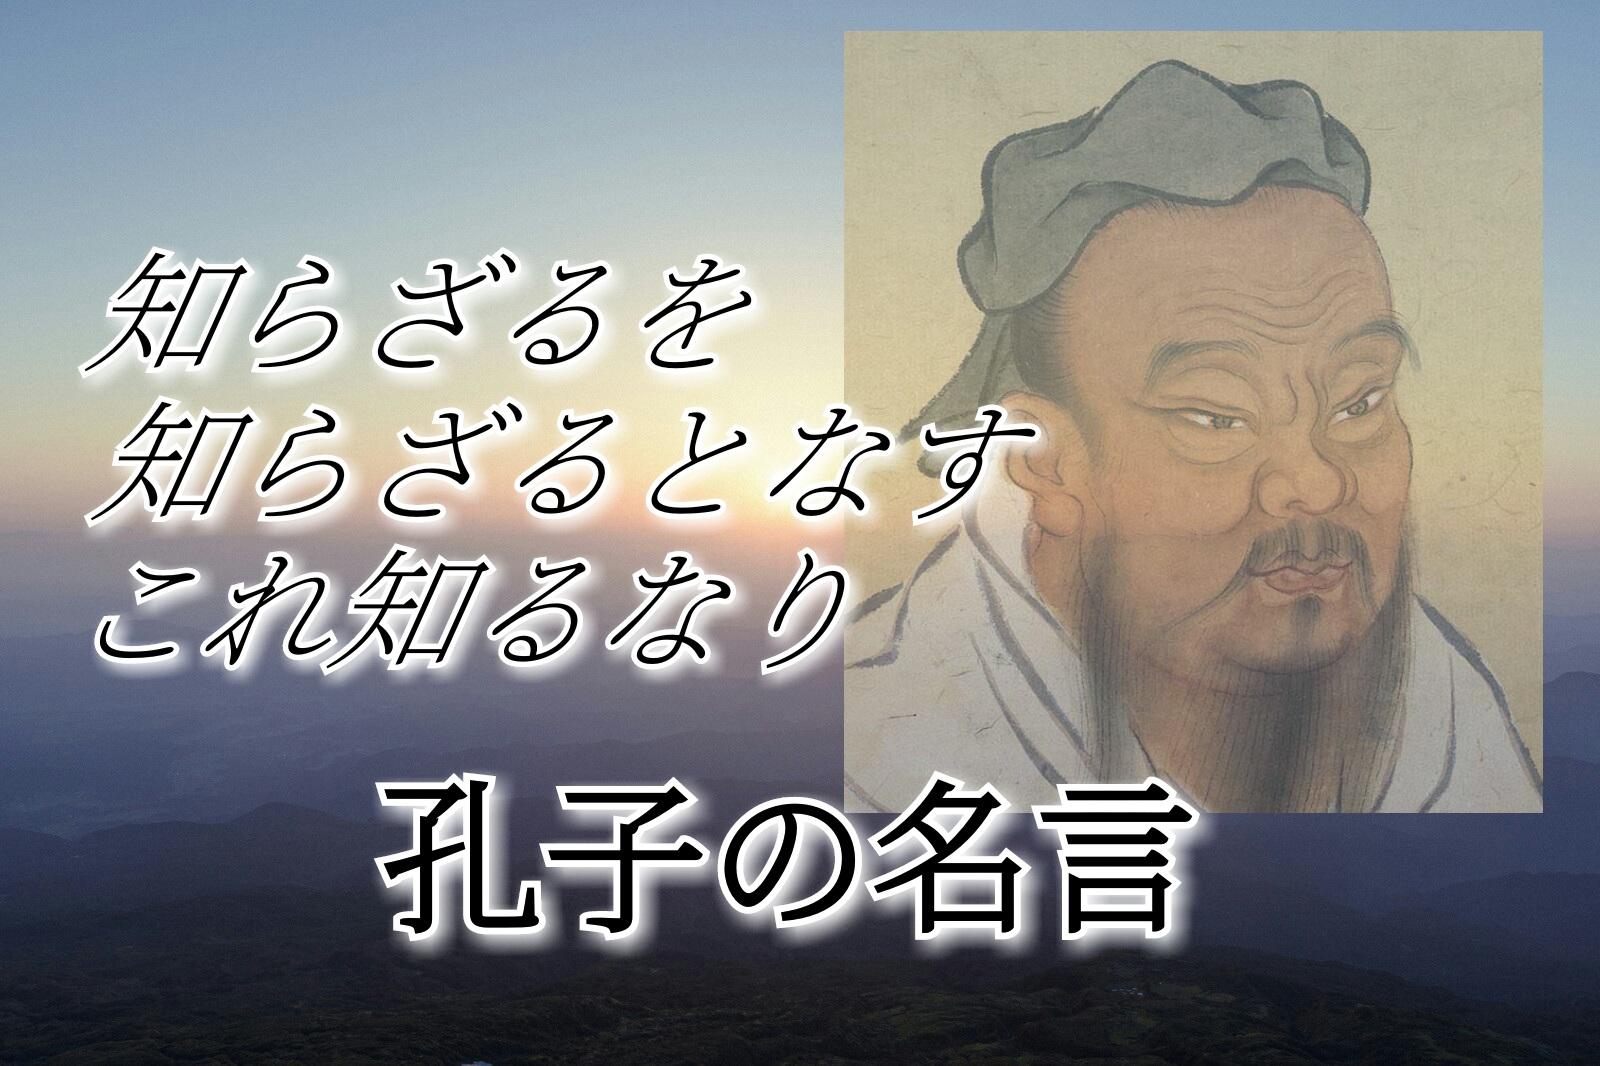 孔子の名言・格言 / 儒教の始祖、論語の基を作った人